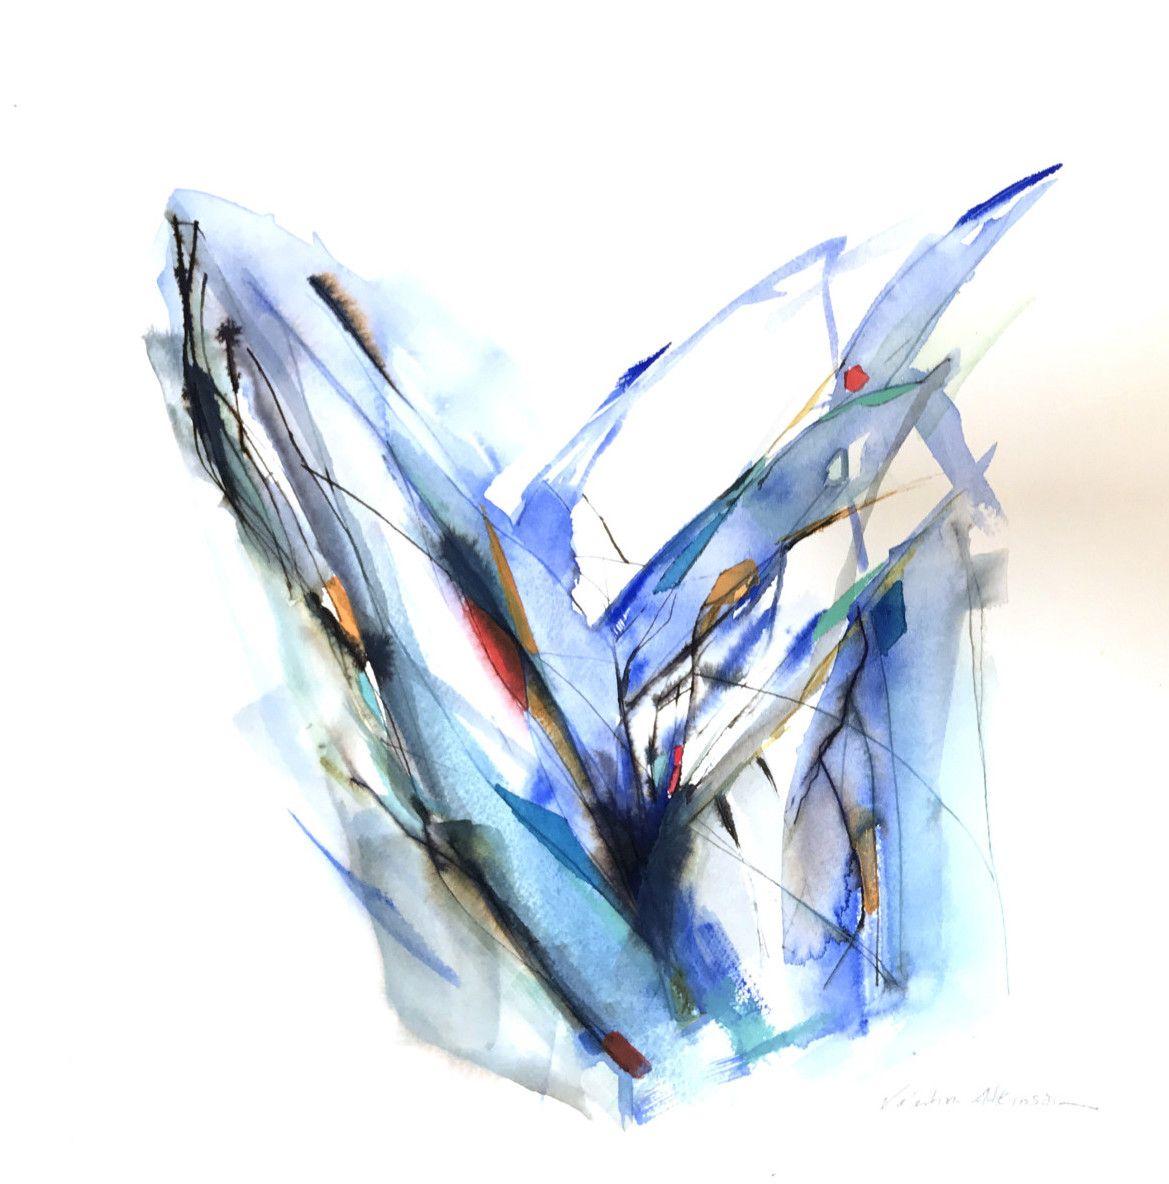 Valentina Atkinson, Tiempo de abrazar, 2017, Watercolor and Ink on Paper, 14 x 14 in.